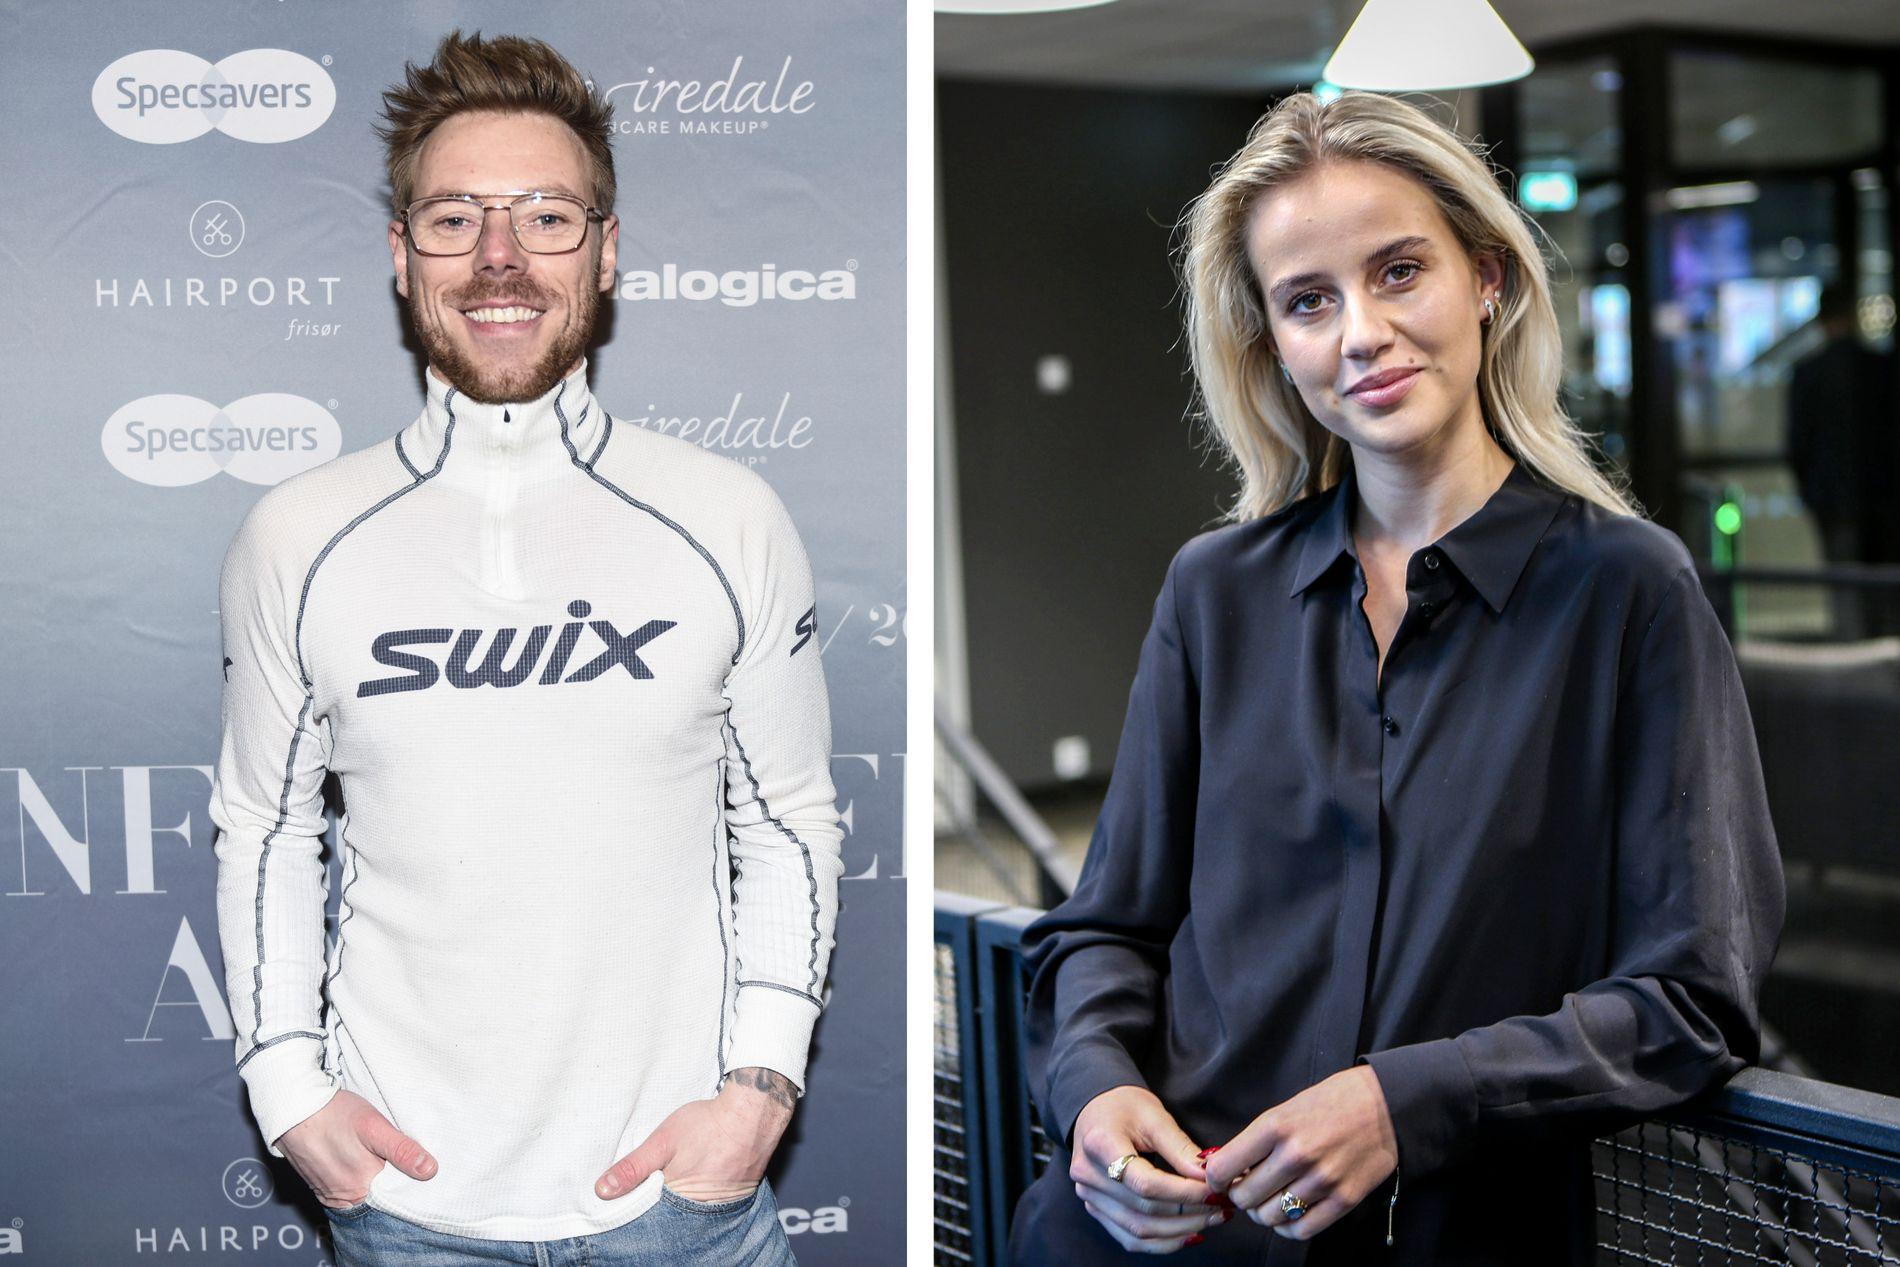 VAR I DUBAI: Espen Hilton og Anniken Jørgensen var med Norwegian på sponset tur til Dubai. Nå har flyselskapet blitt ettergått.